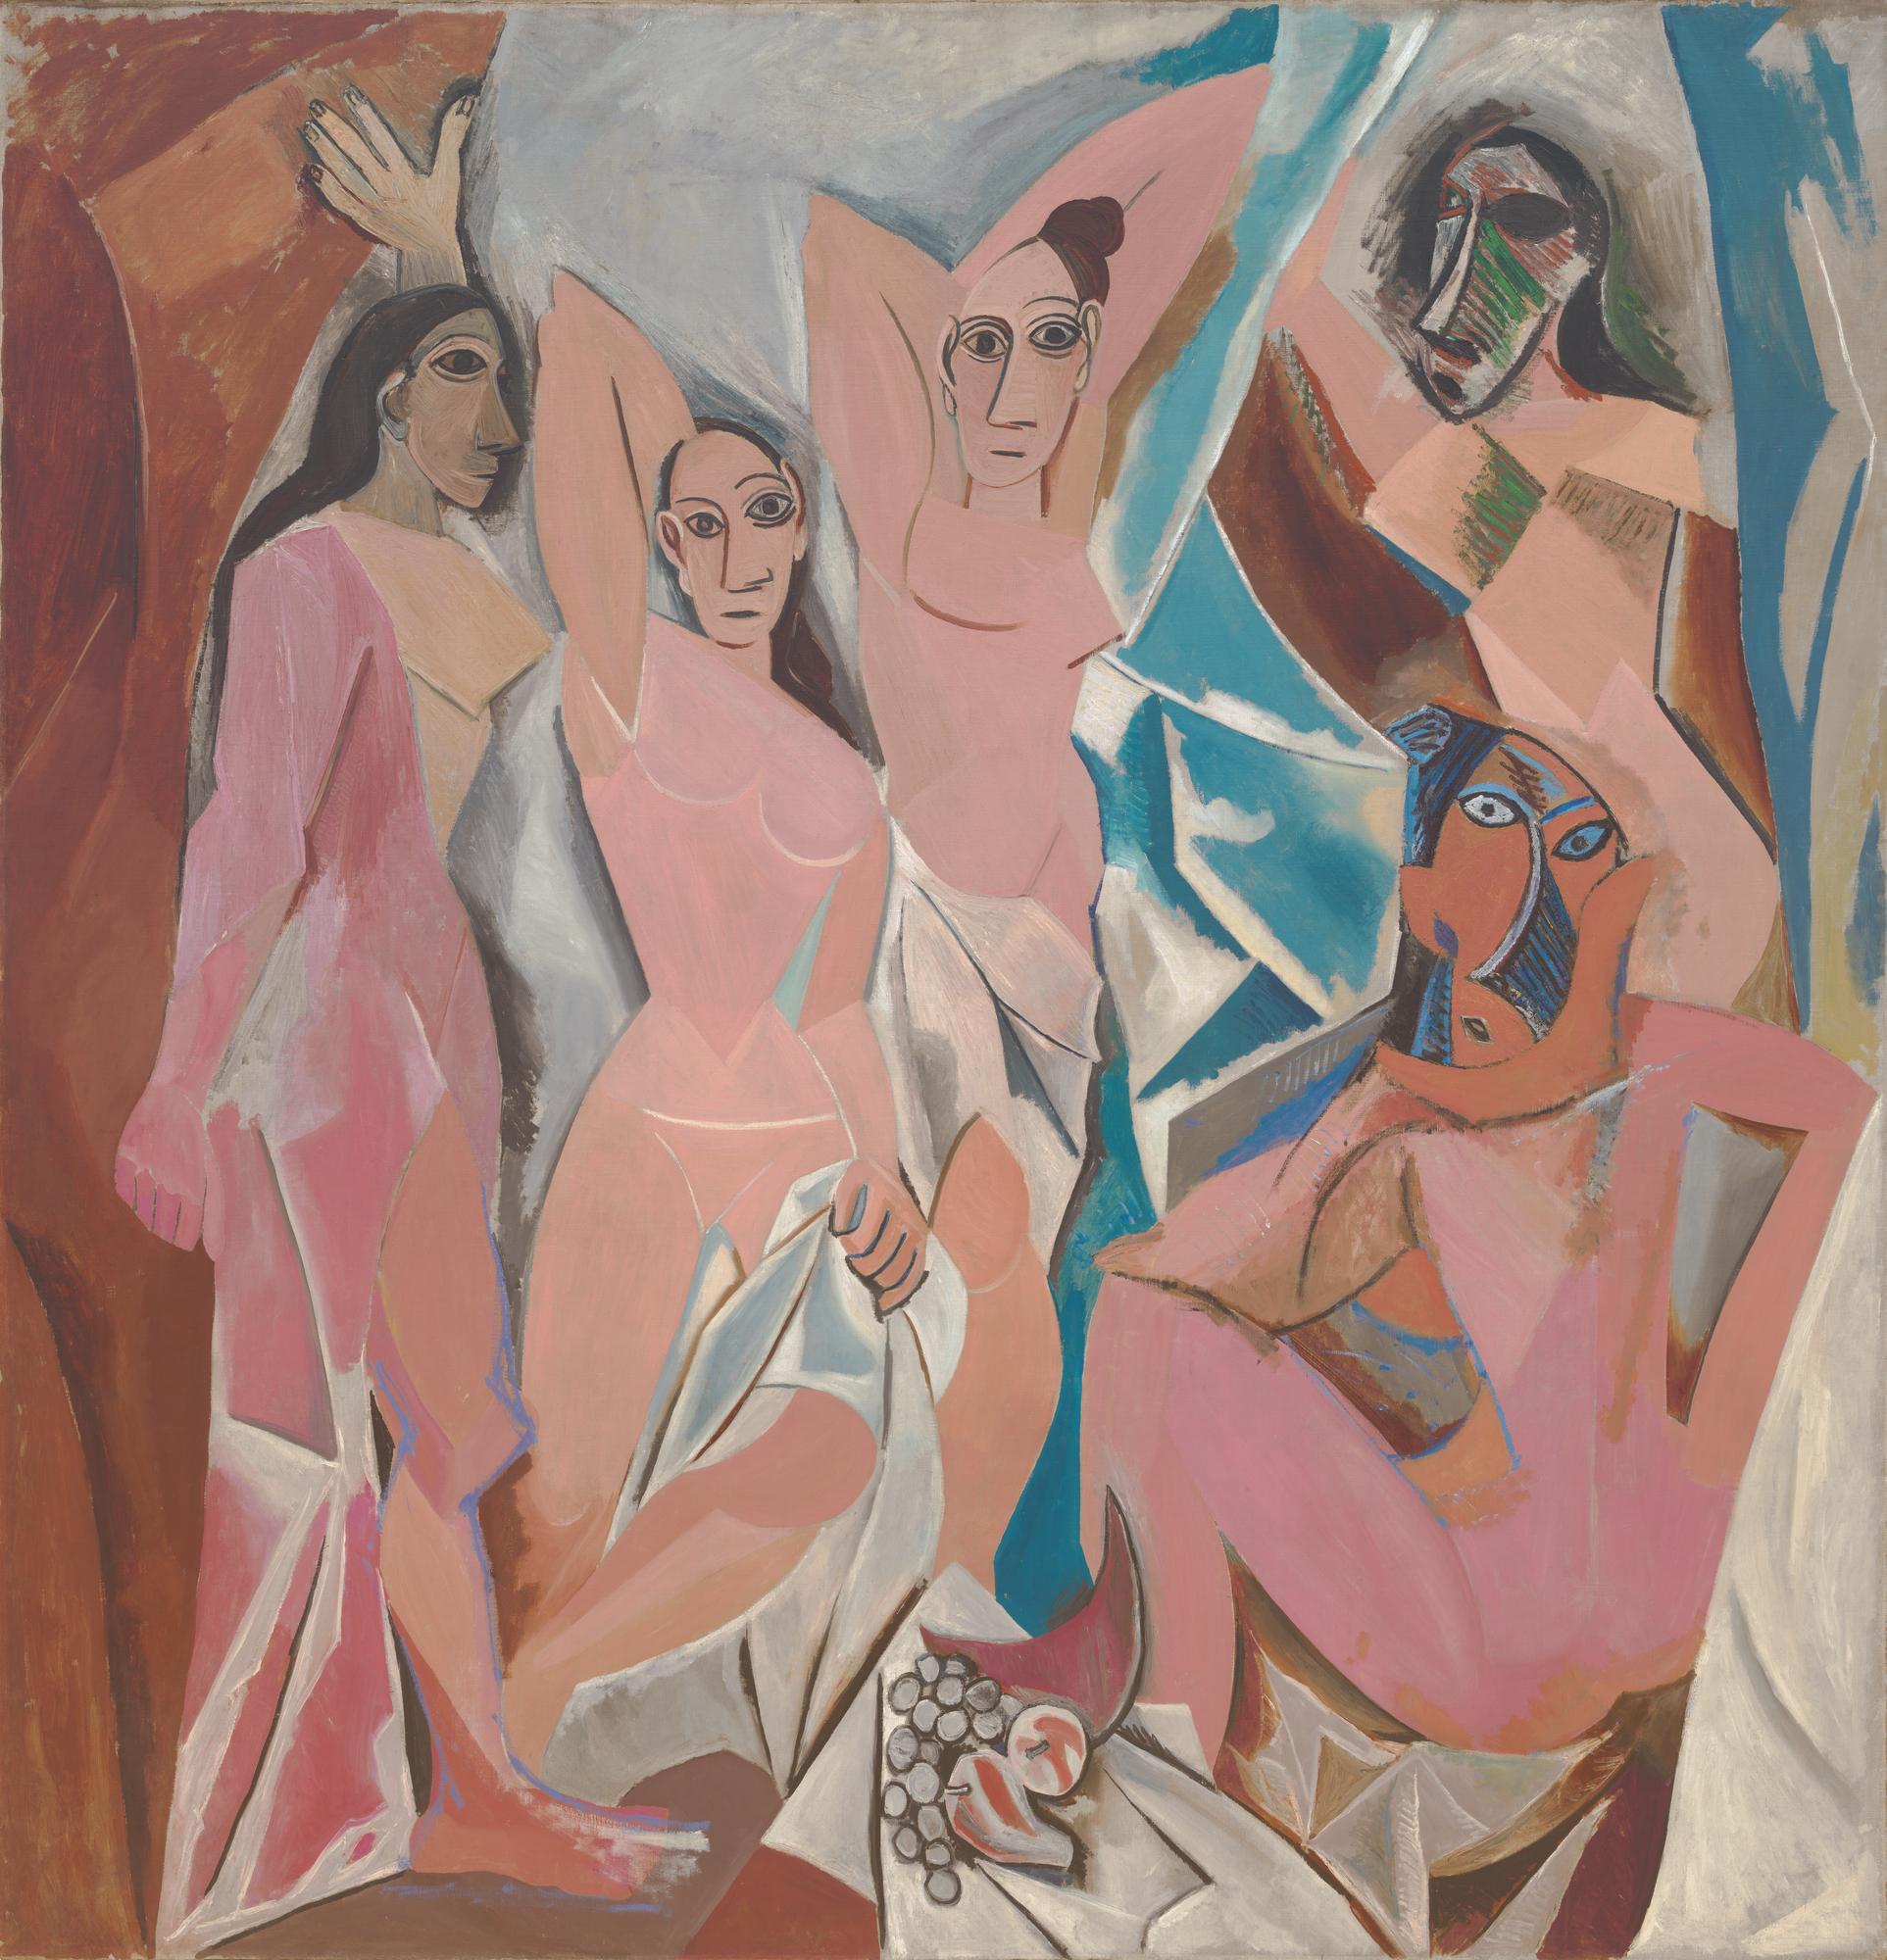 Les Demoiselles d'Avignon  — Pablo Picasso, 1907